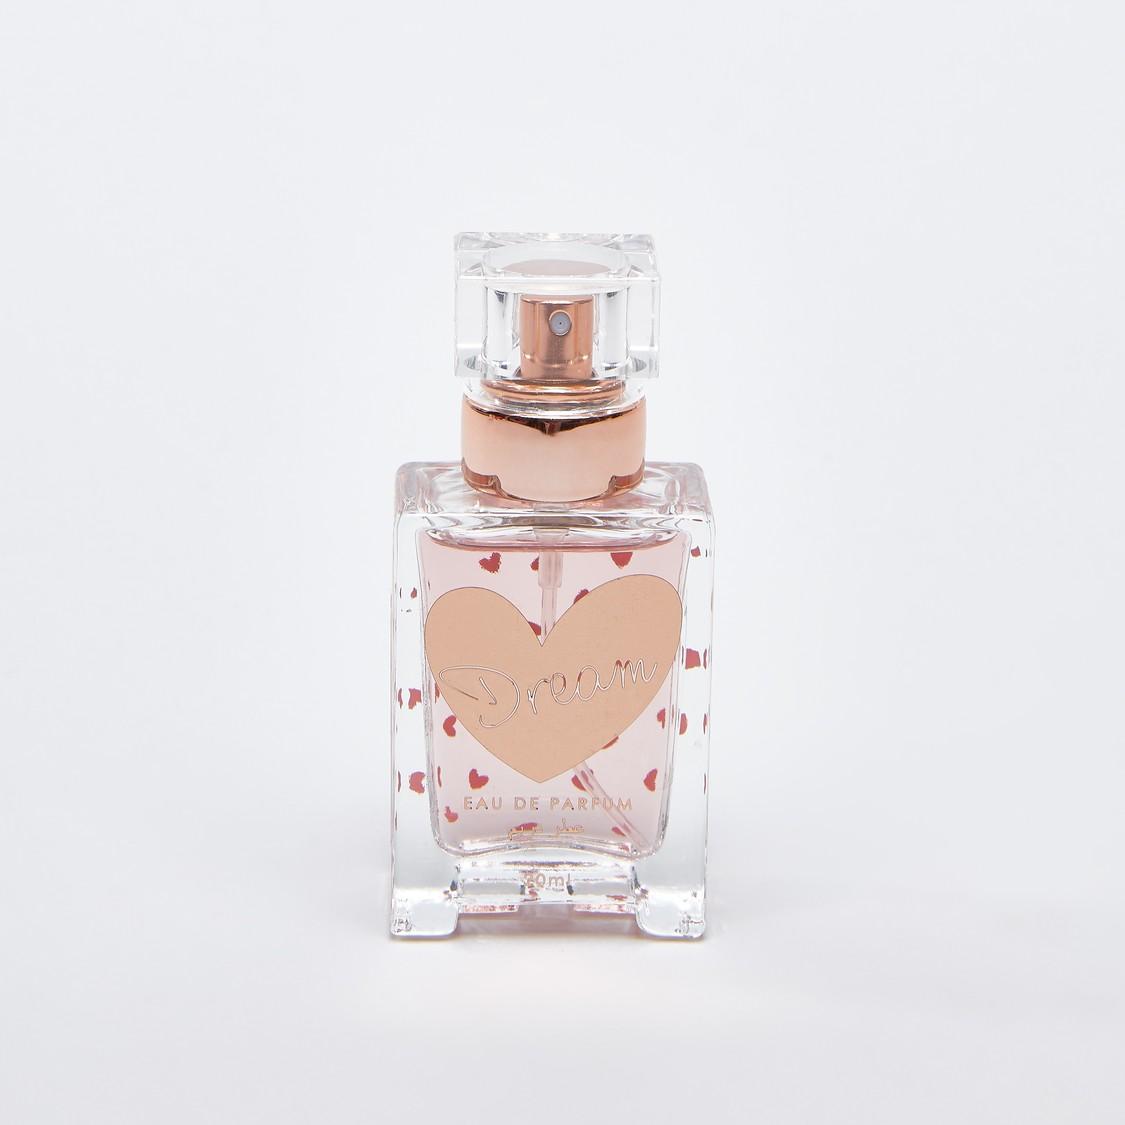 Dream Eau De Parfum Fragrance Bottle - 20 ml